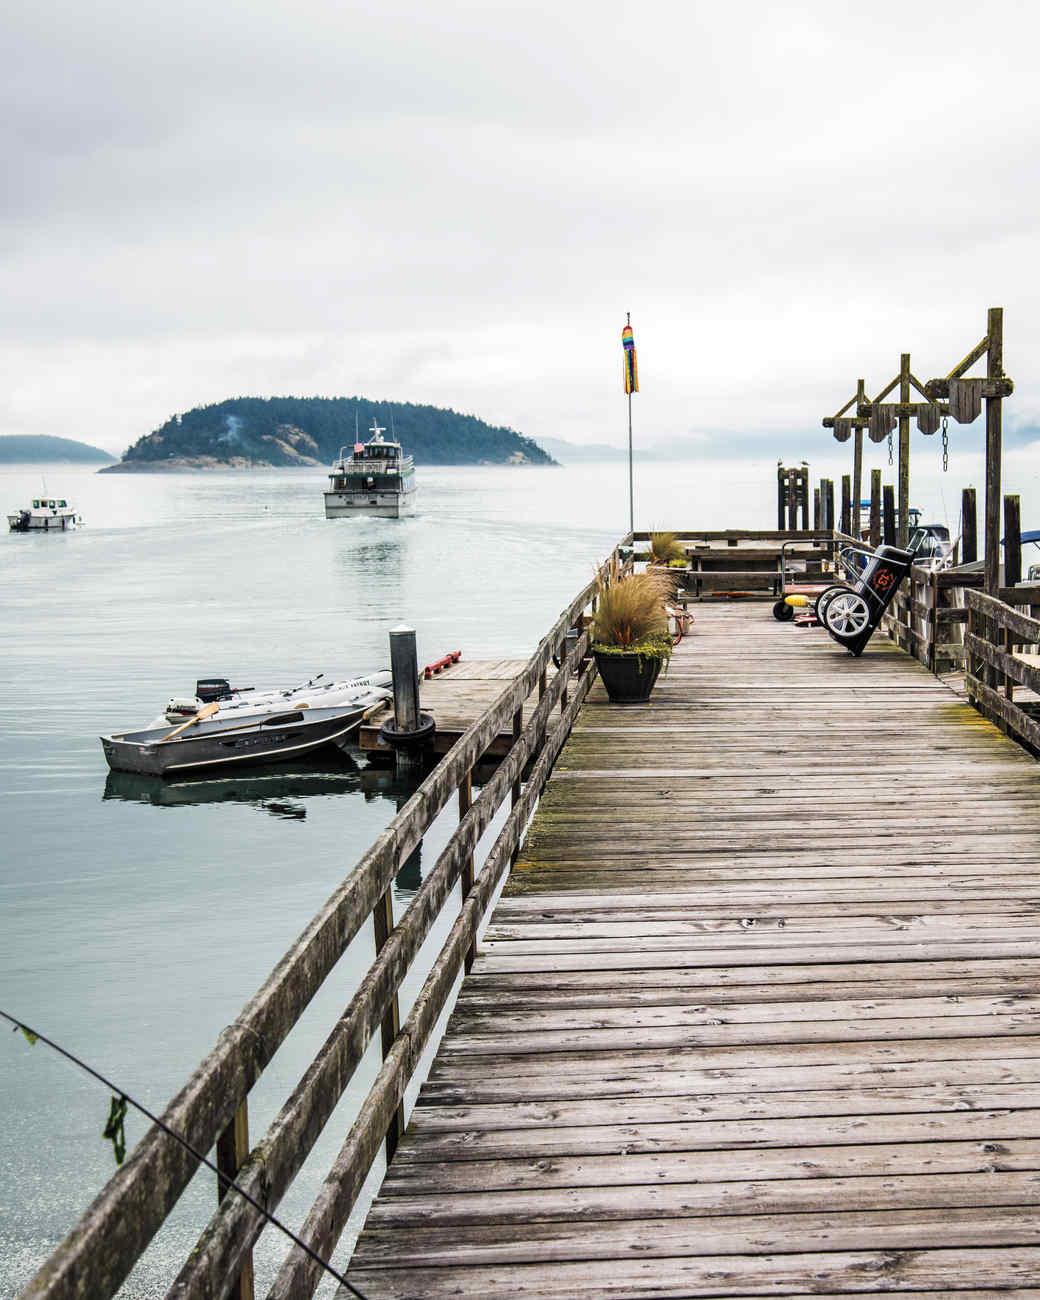 ferry-12-d111488.jpg